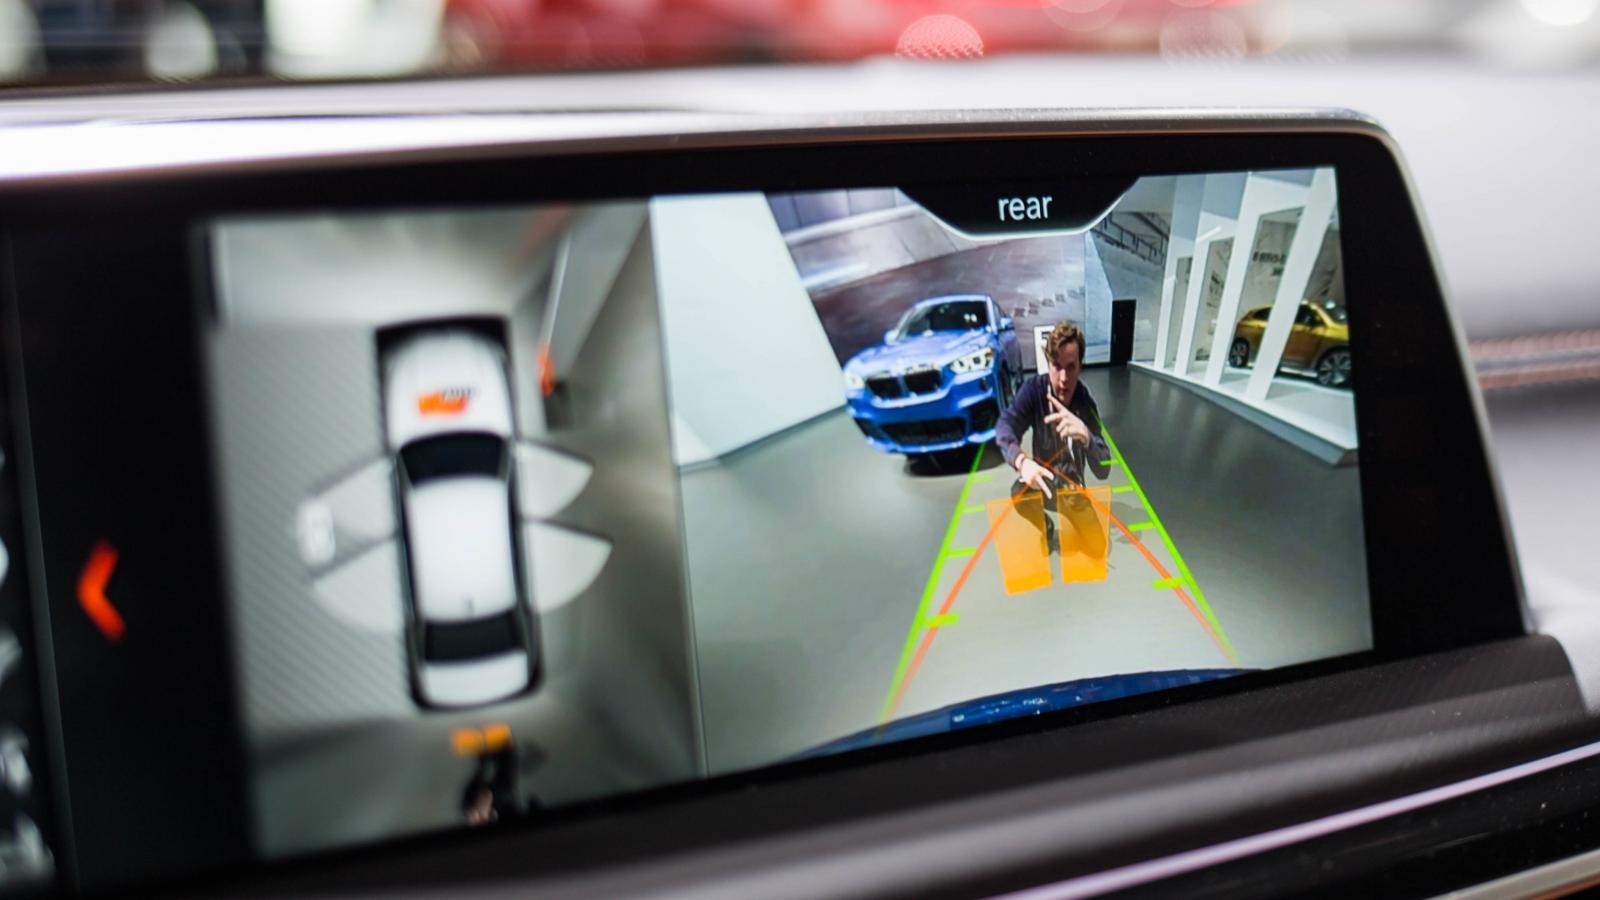 Quá trình sửa chữa sẽ có khả năng trở nên phức tạp hơn nữa khi xe có trang bị ngày một nhiều công nghệ hơn